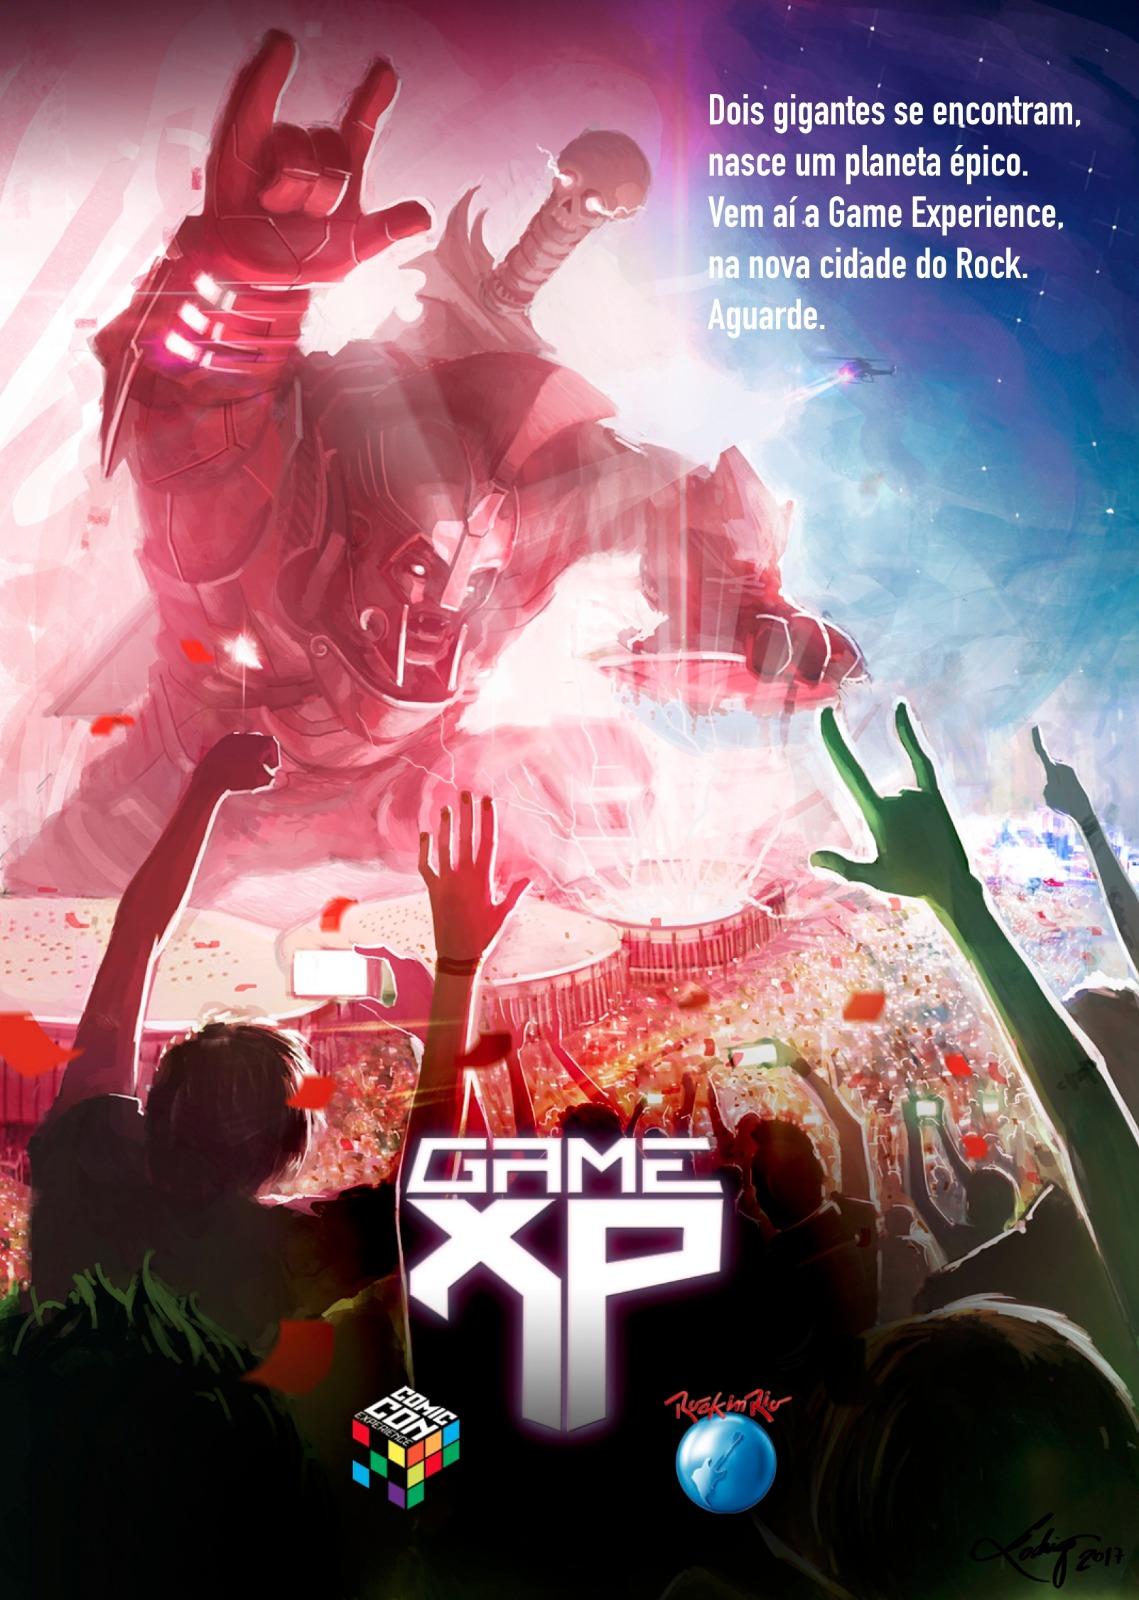 game-xp-2017-anuncio